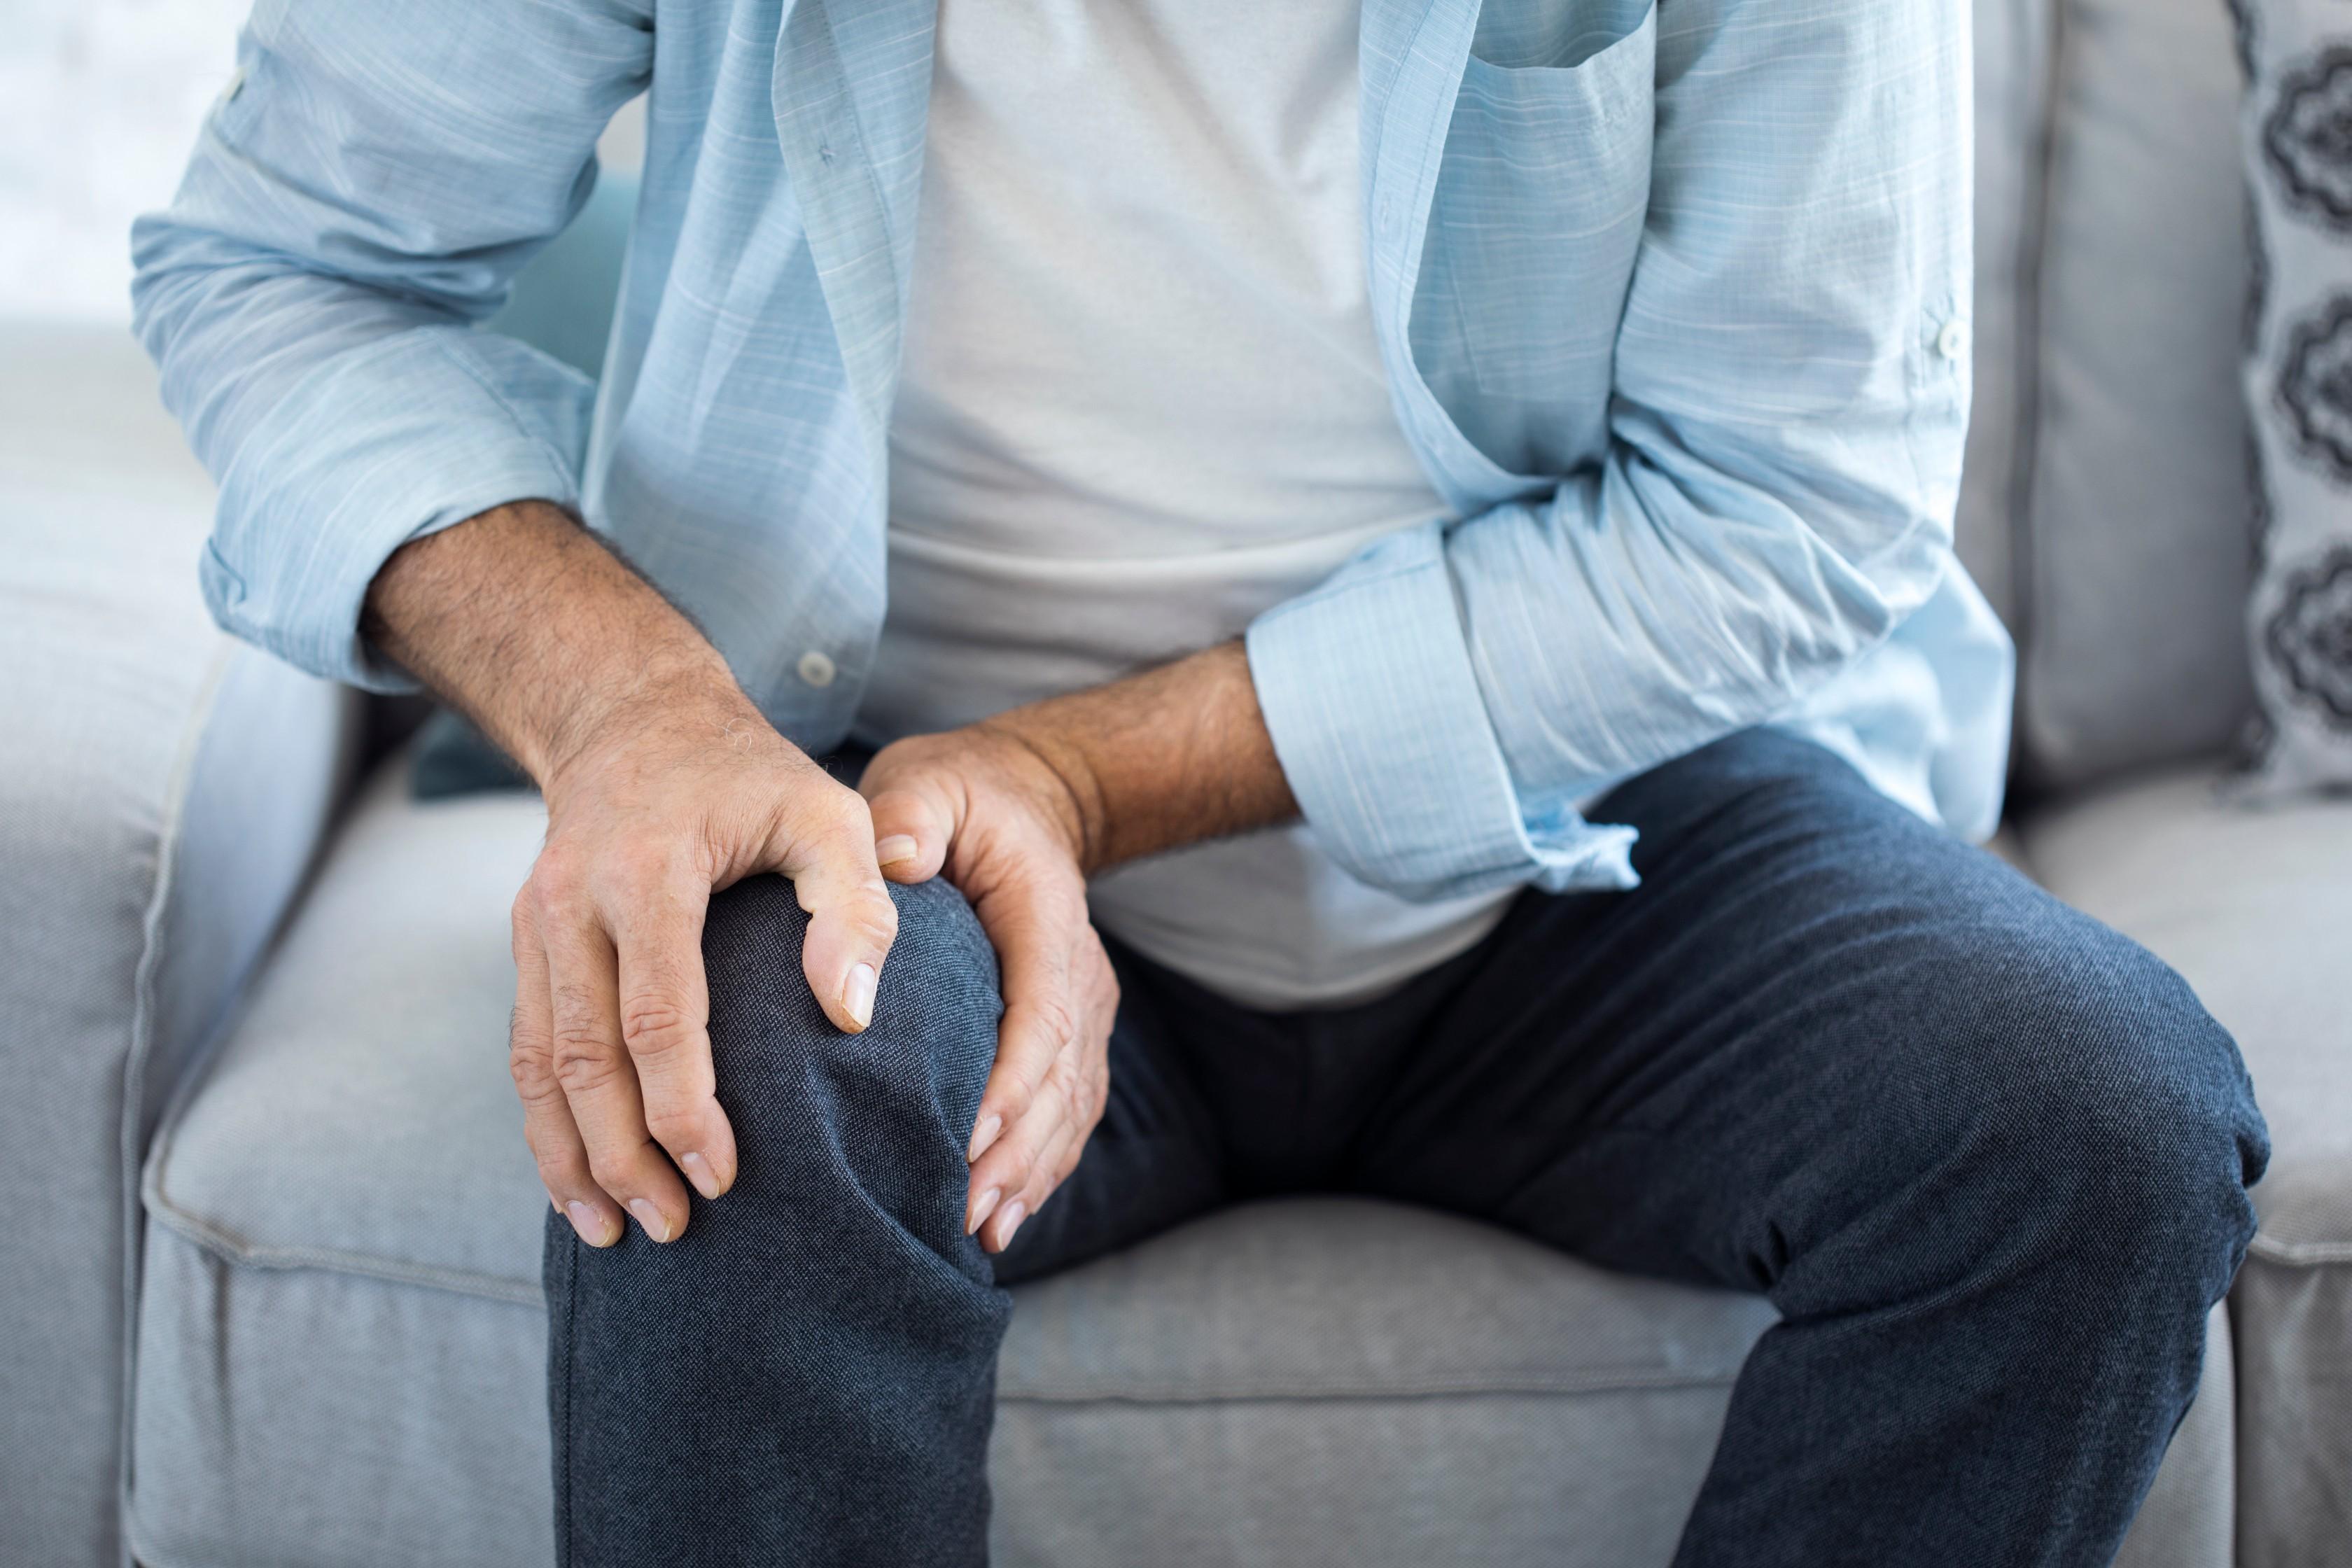 járási fájdalom az ízületek bal lábánál izomfájdalom és ízületi kenőcs